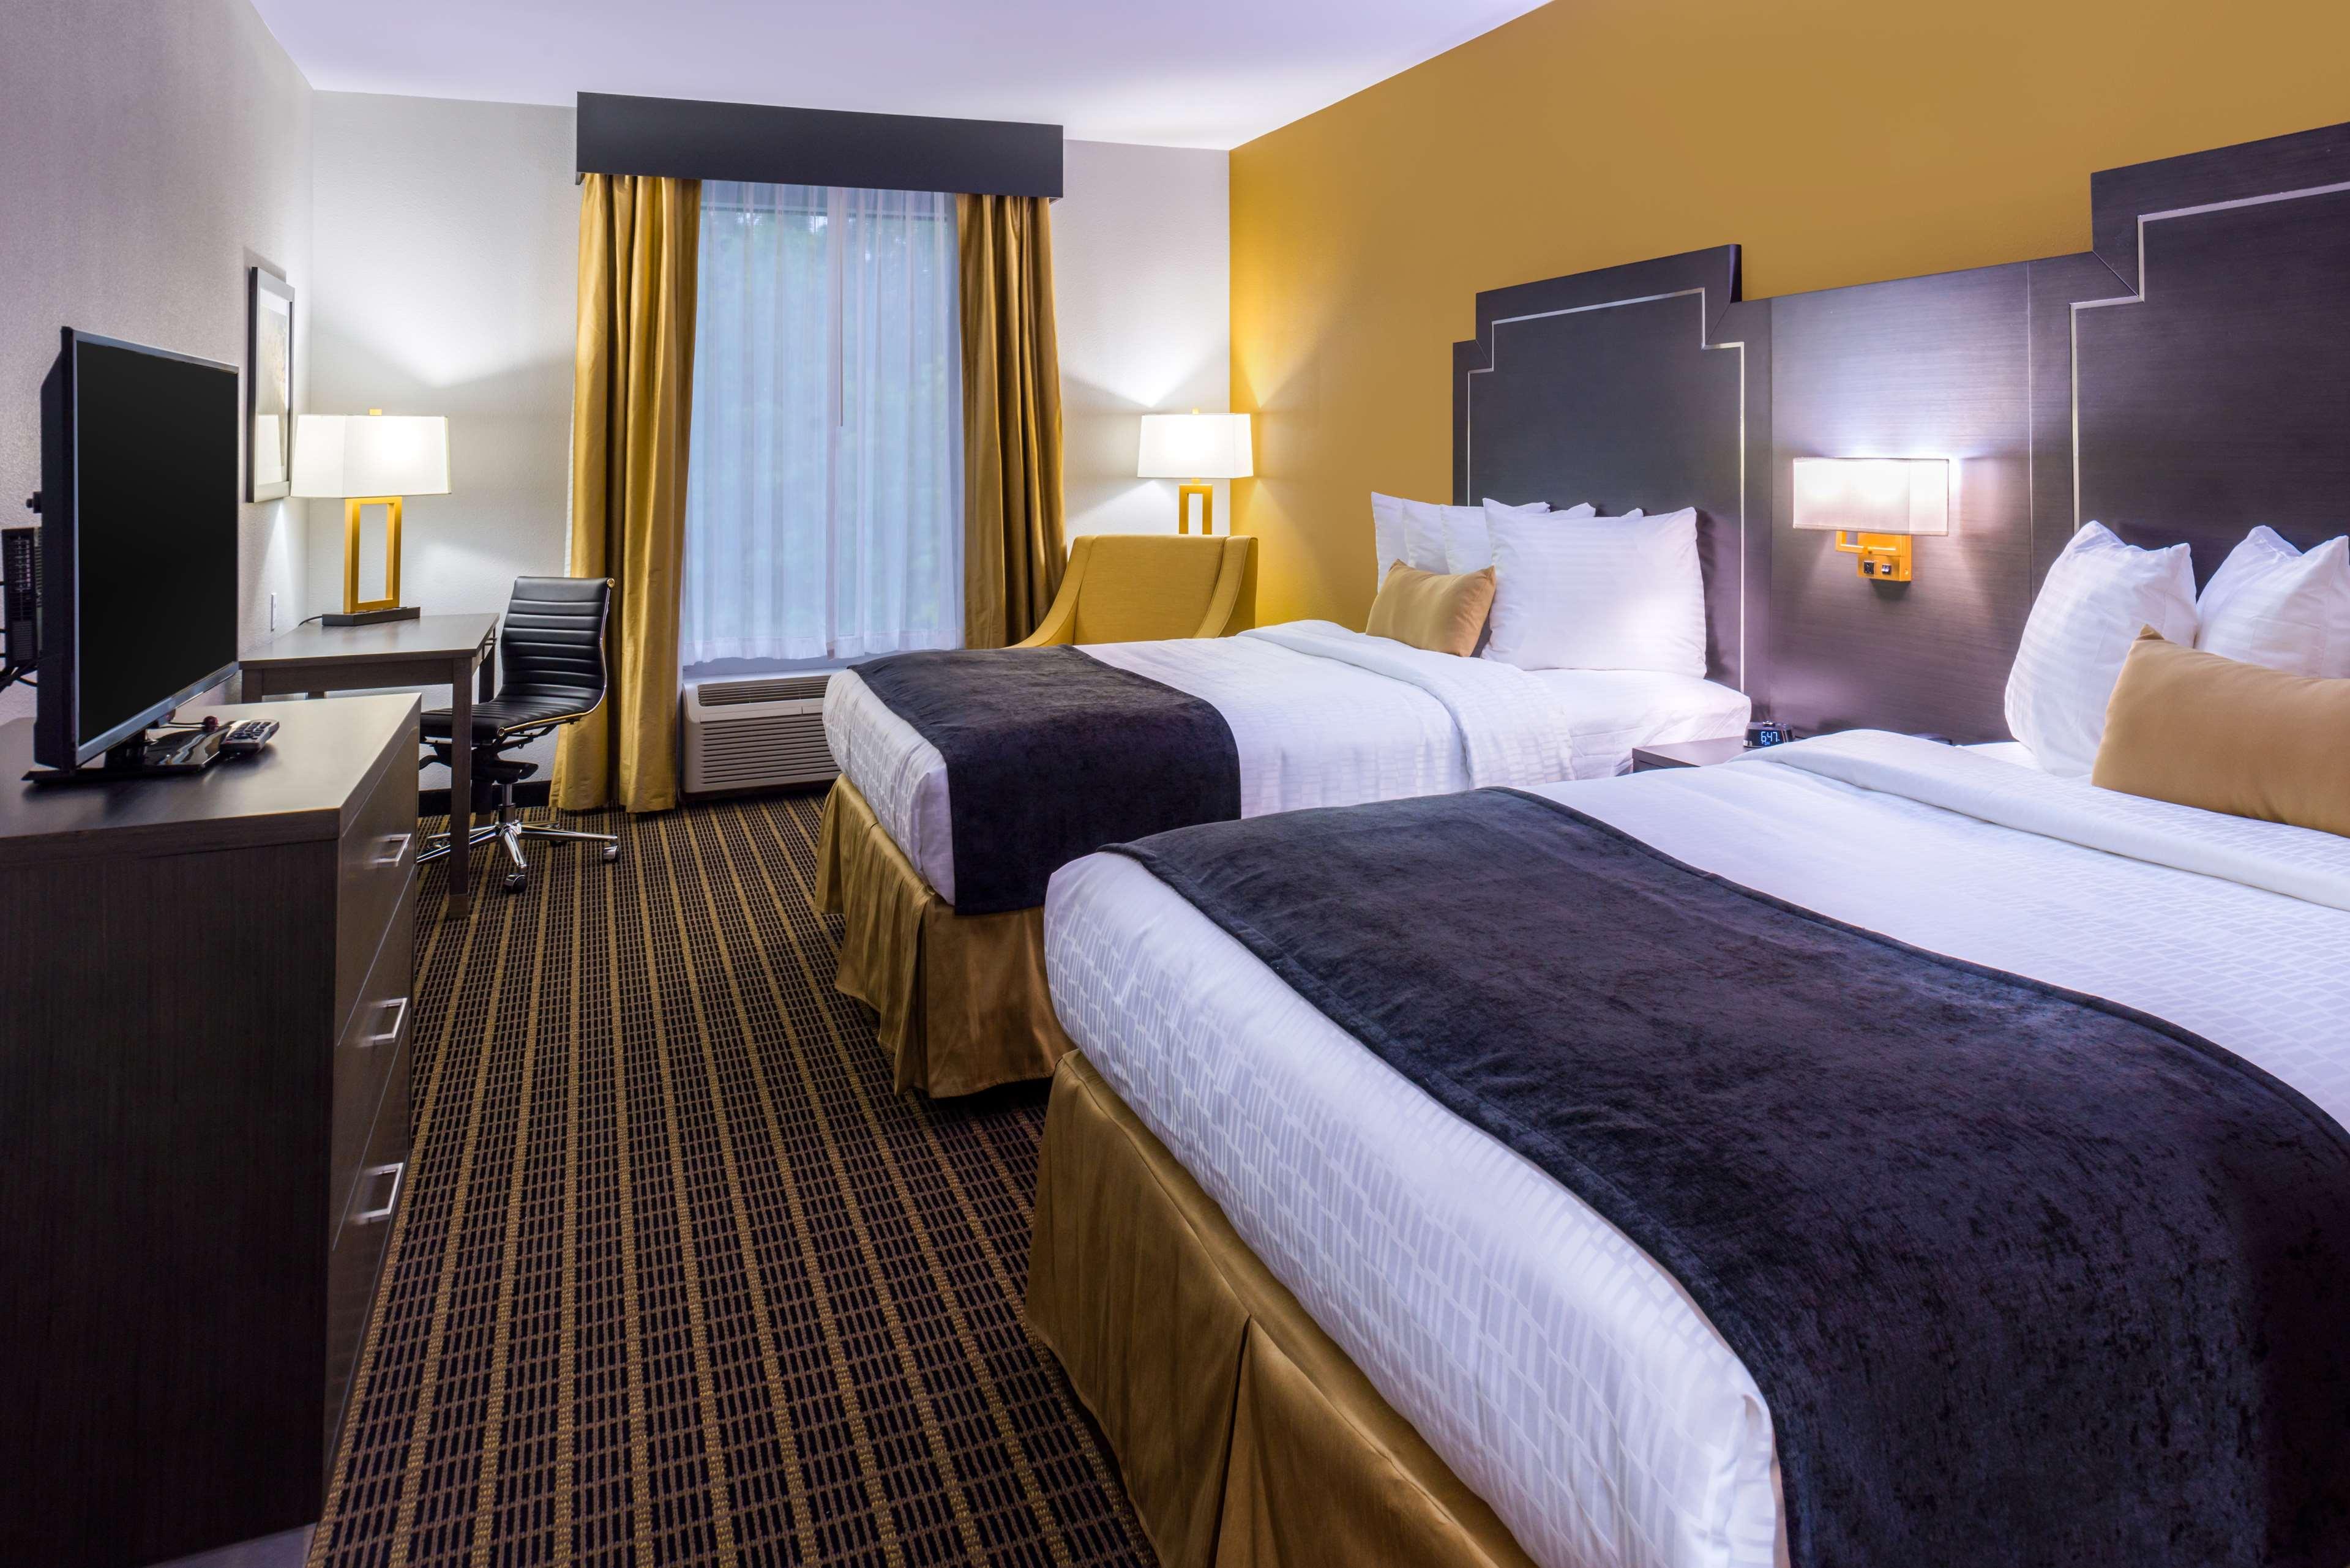 Best Western Plus Regency Park Hotel image 43